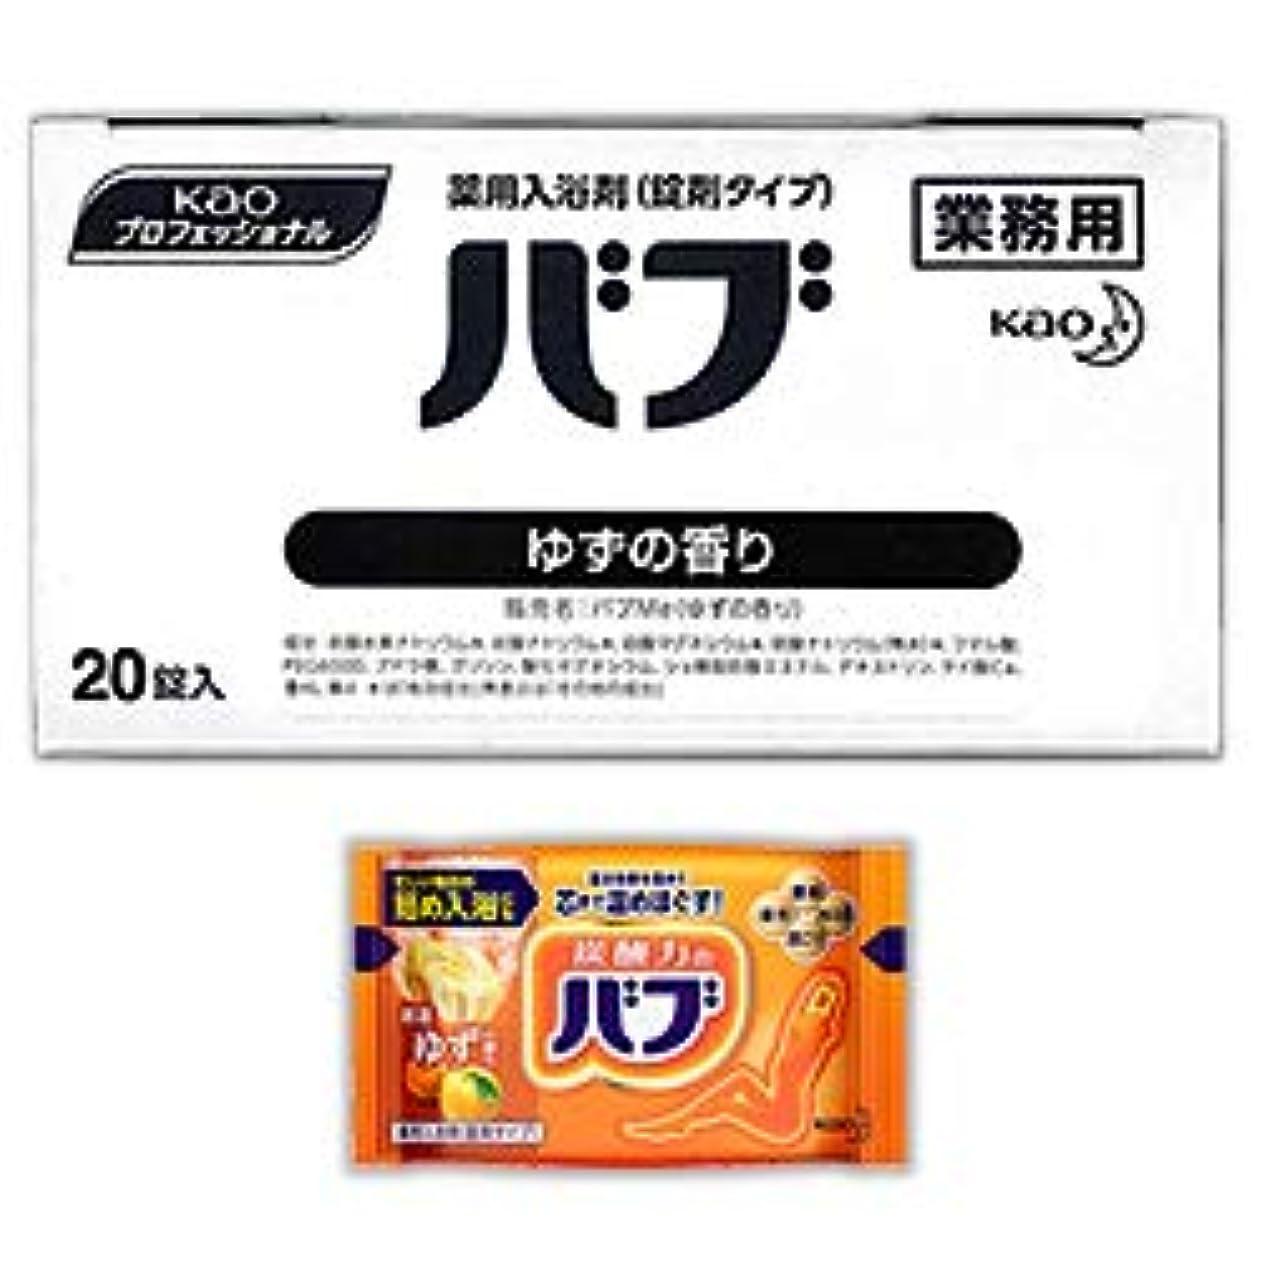 周波数そんなにクレジット【花王】Kaoプロフェッショナル バブ ゆずの香り(業務用) 40g×20錠入 ×5個セット